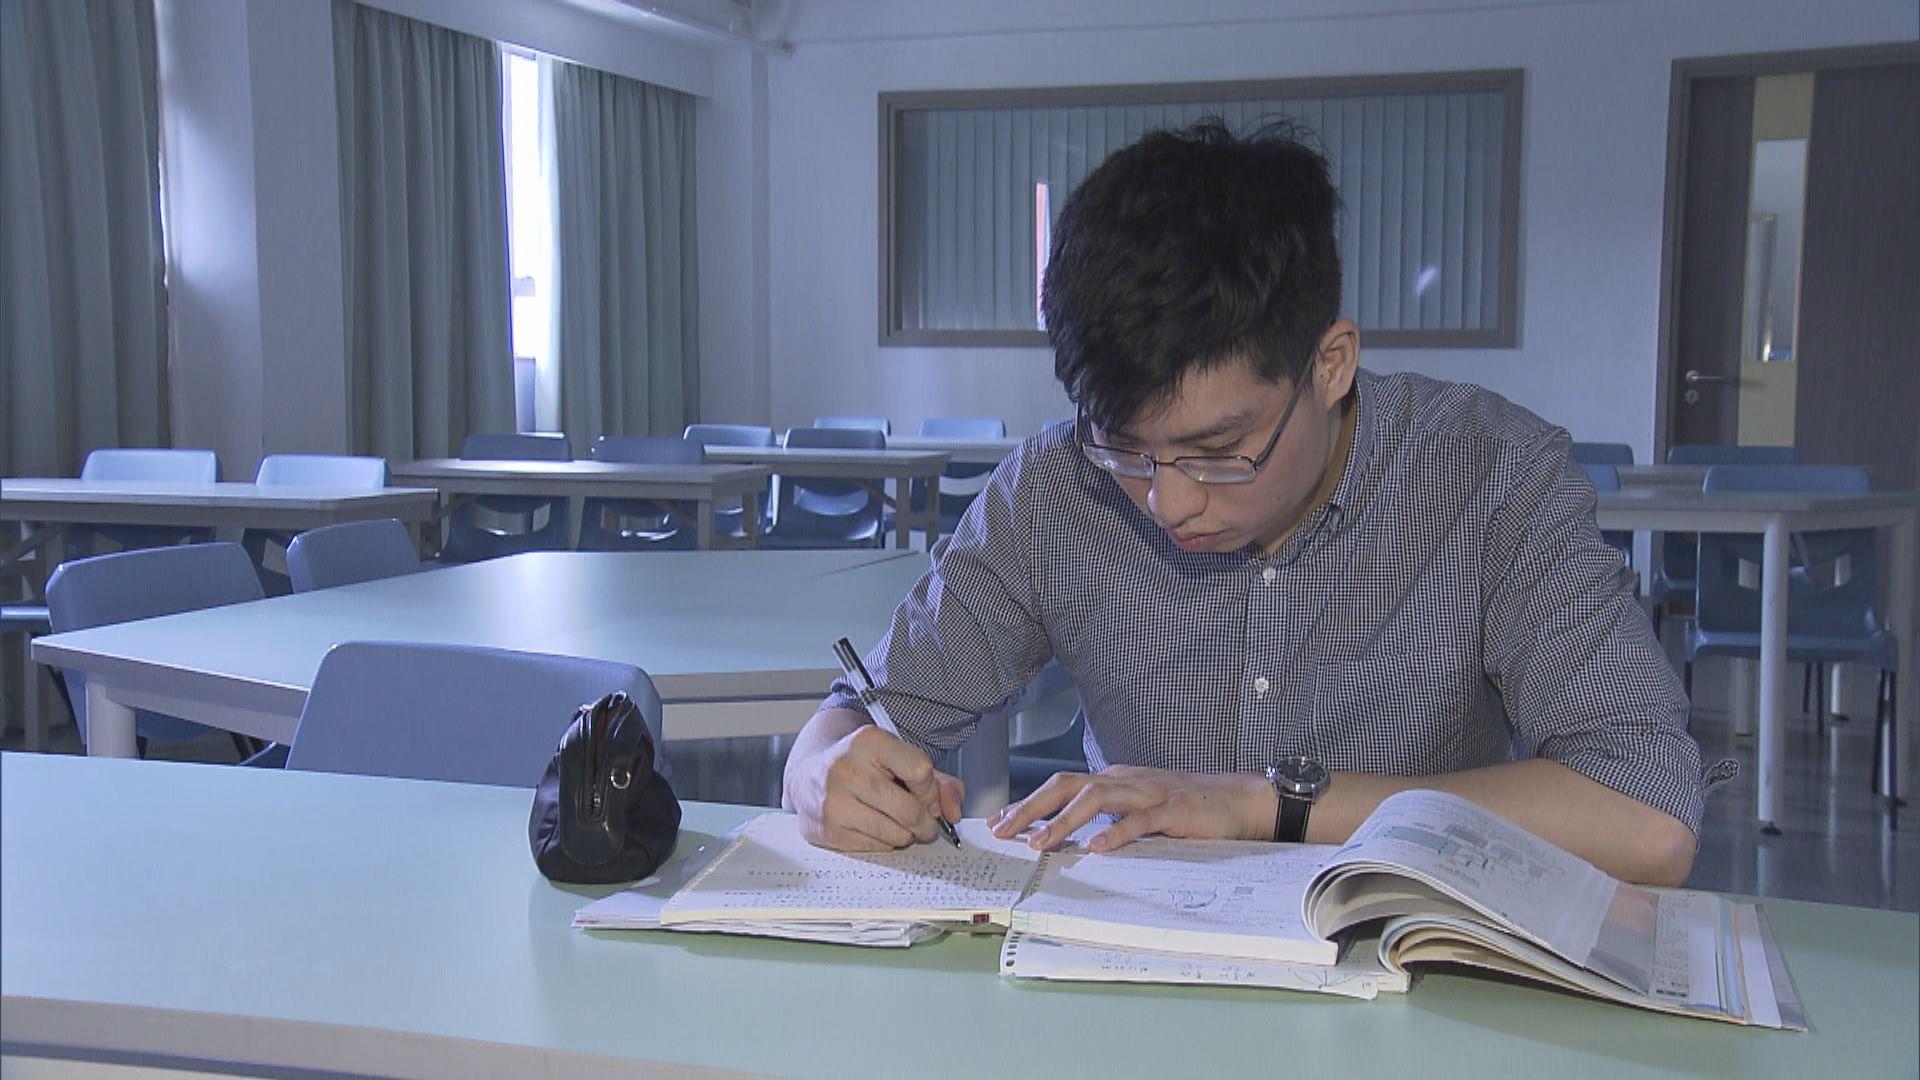 【有心不怕遲】夜校生克服重重困難 文憑試終獲好成績